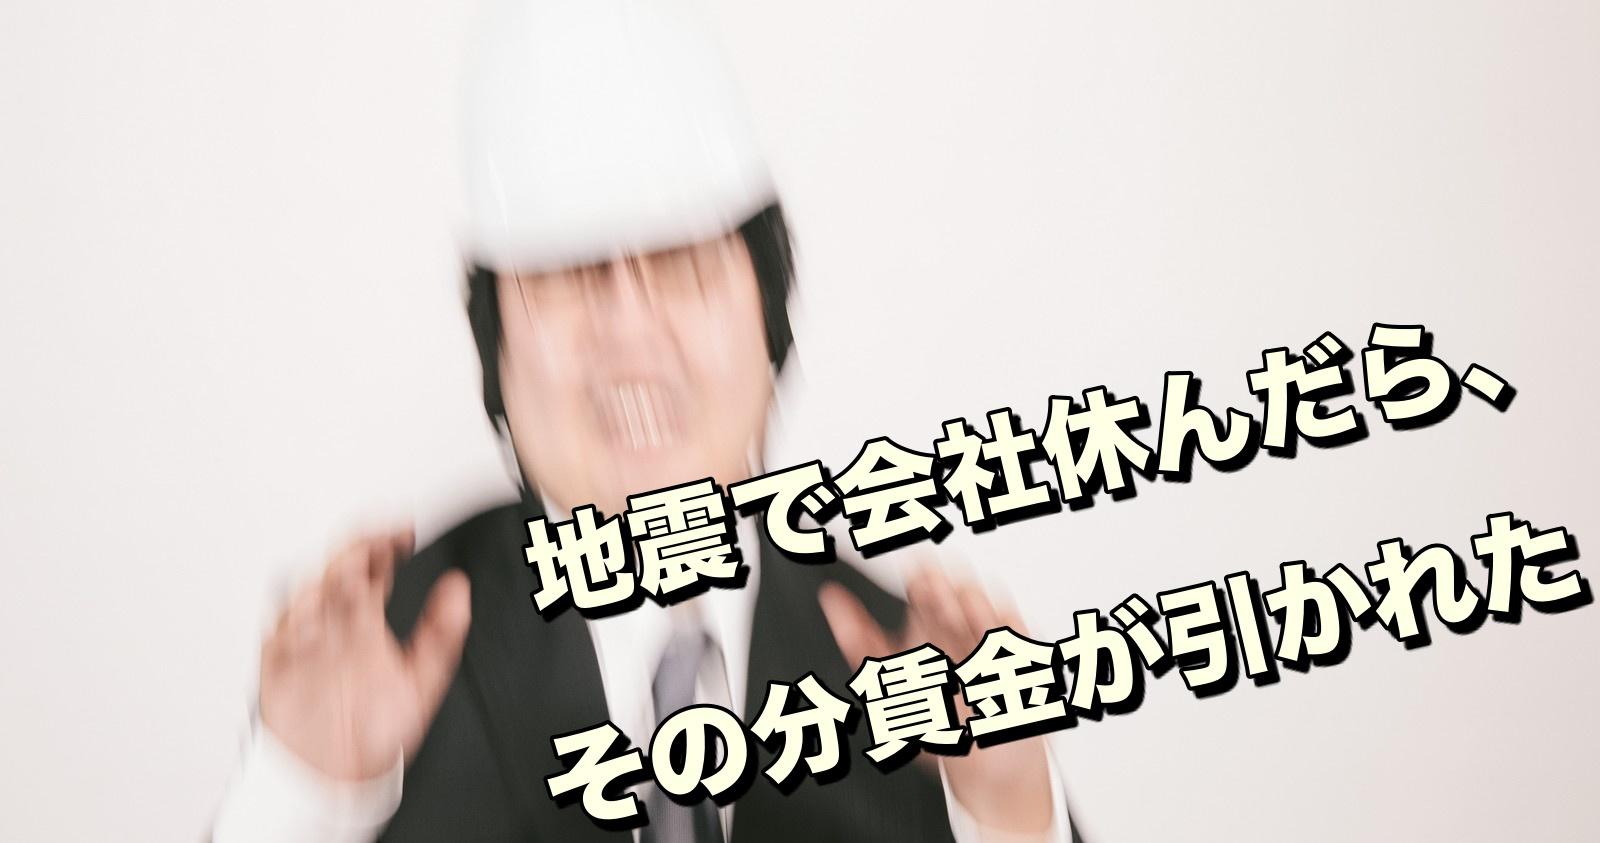 記事 「地震で会社休んだら、その分賃金が引かれた?」地震発生時の給与についてのアイキャッチ画像